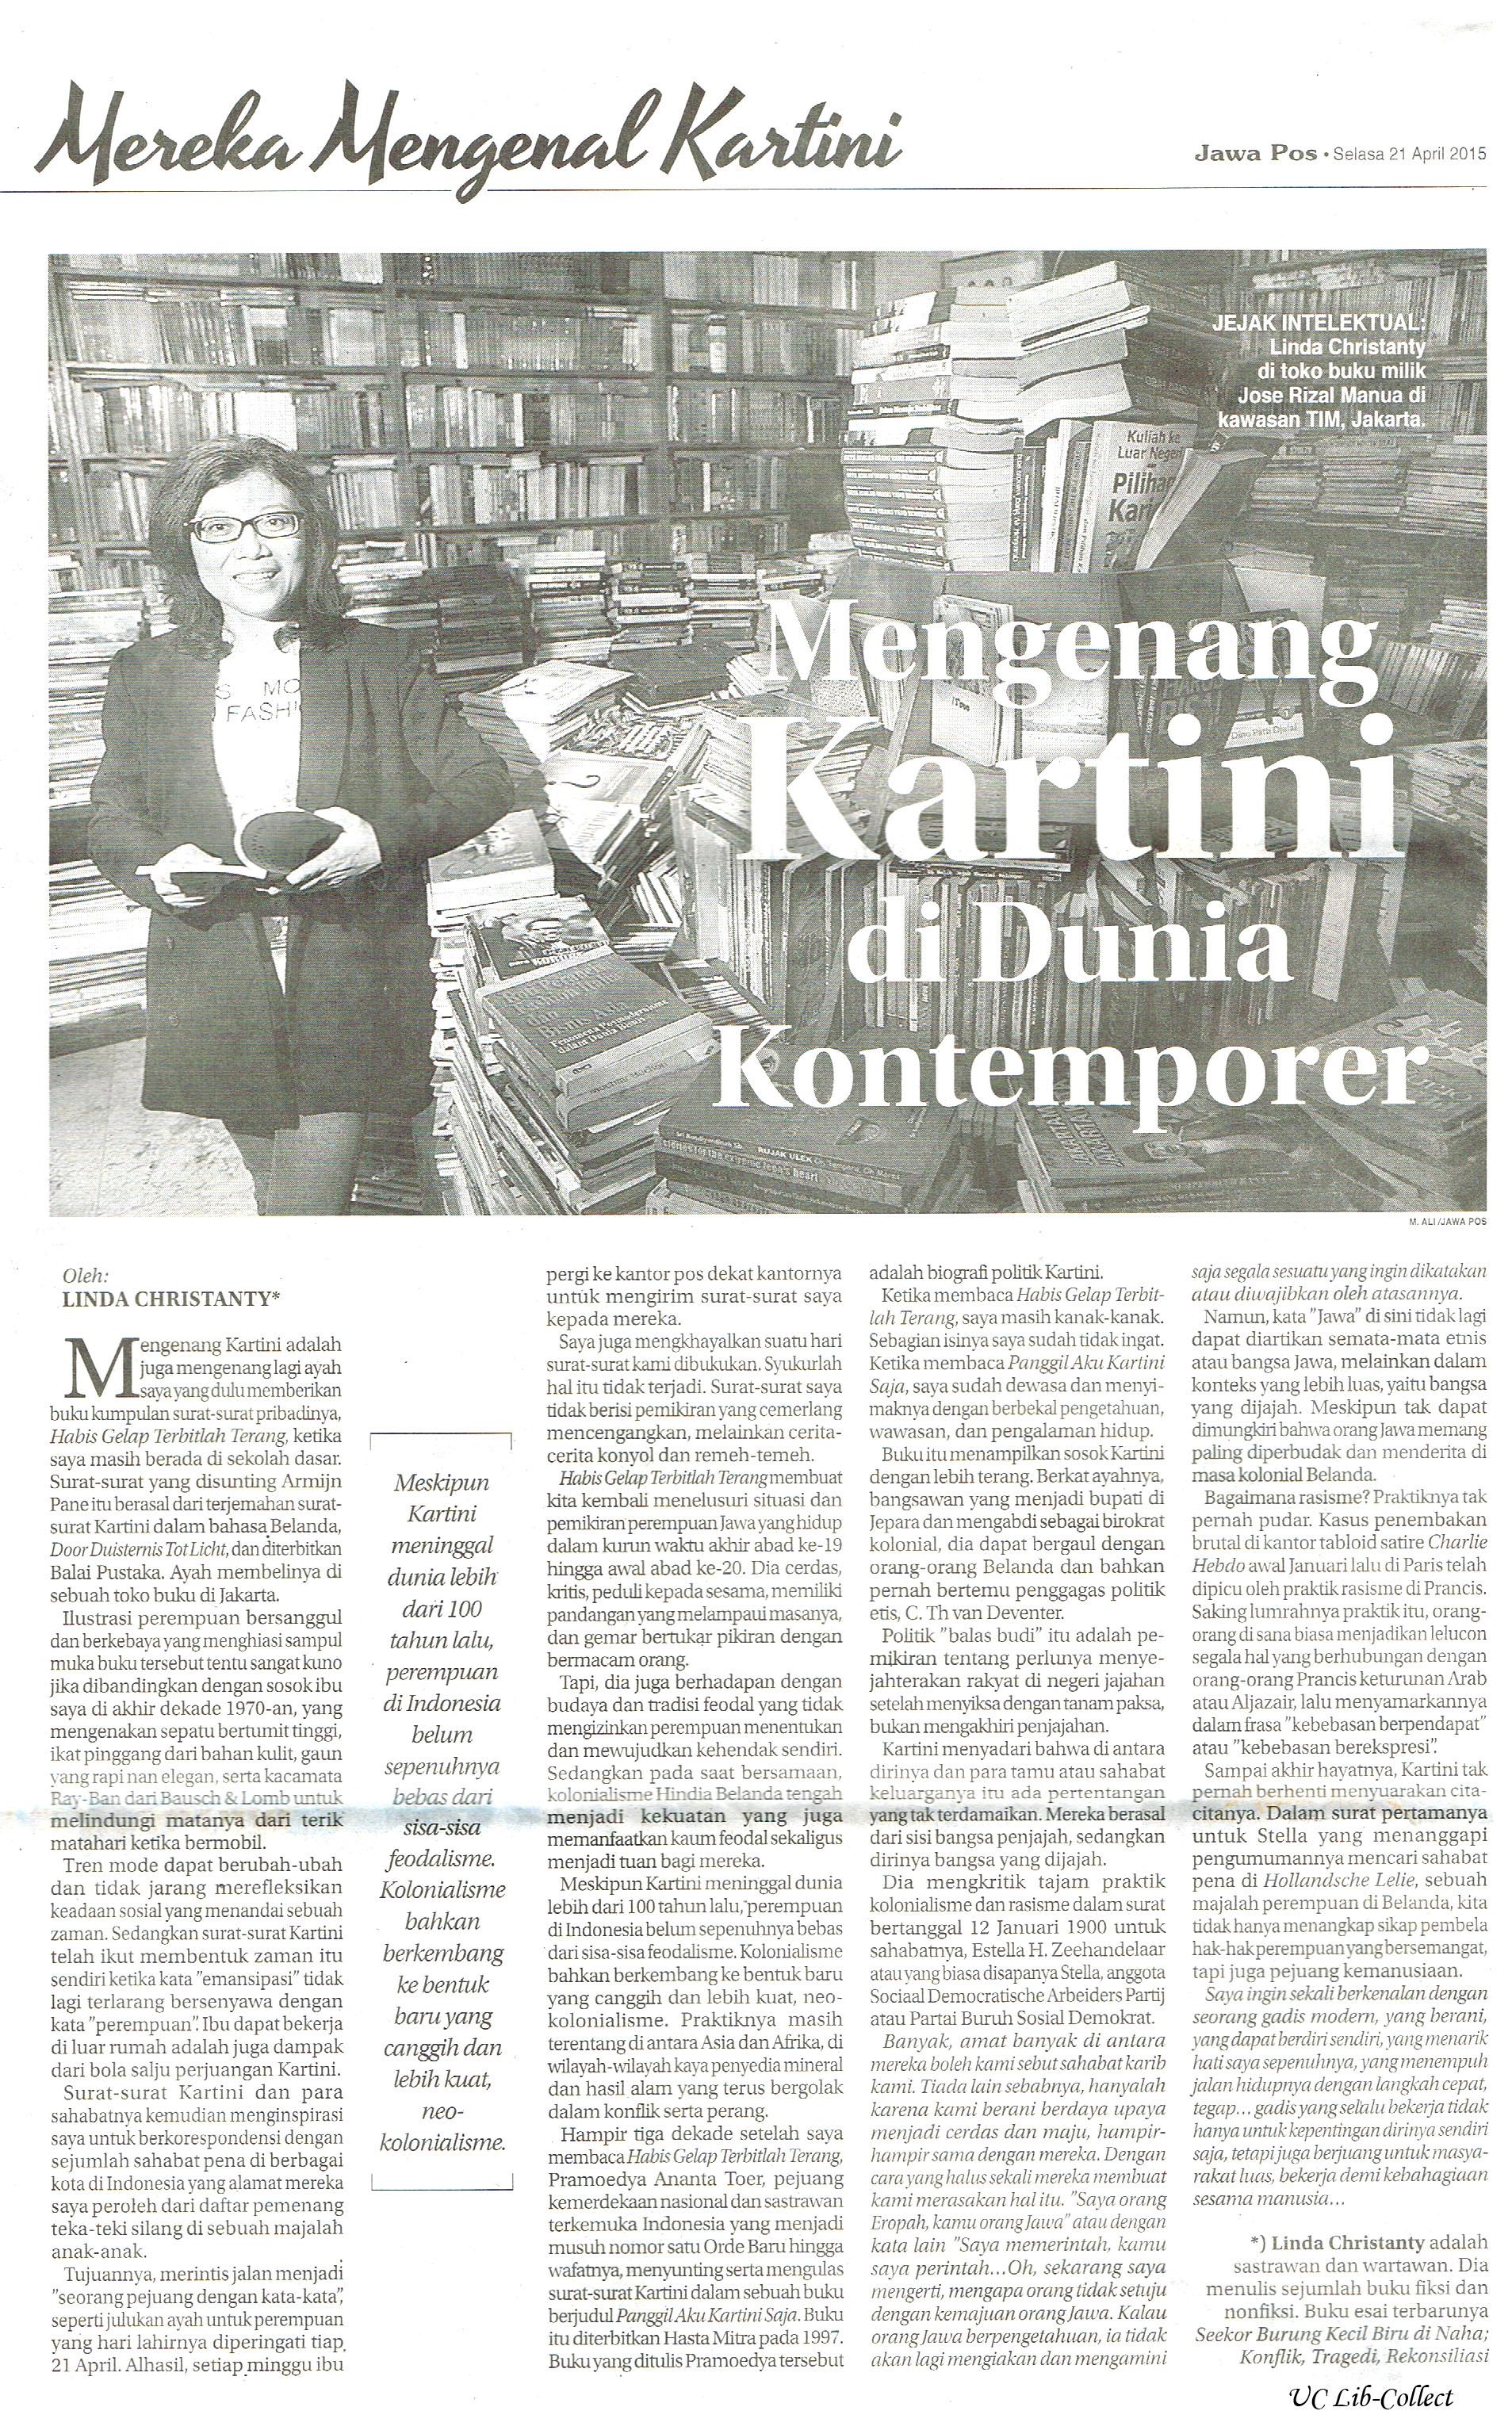 Mengenang Kartini di Dunia Kontenporer. Jawa Pos. 21 April 2014.Hal.18